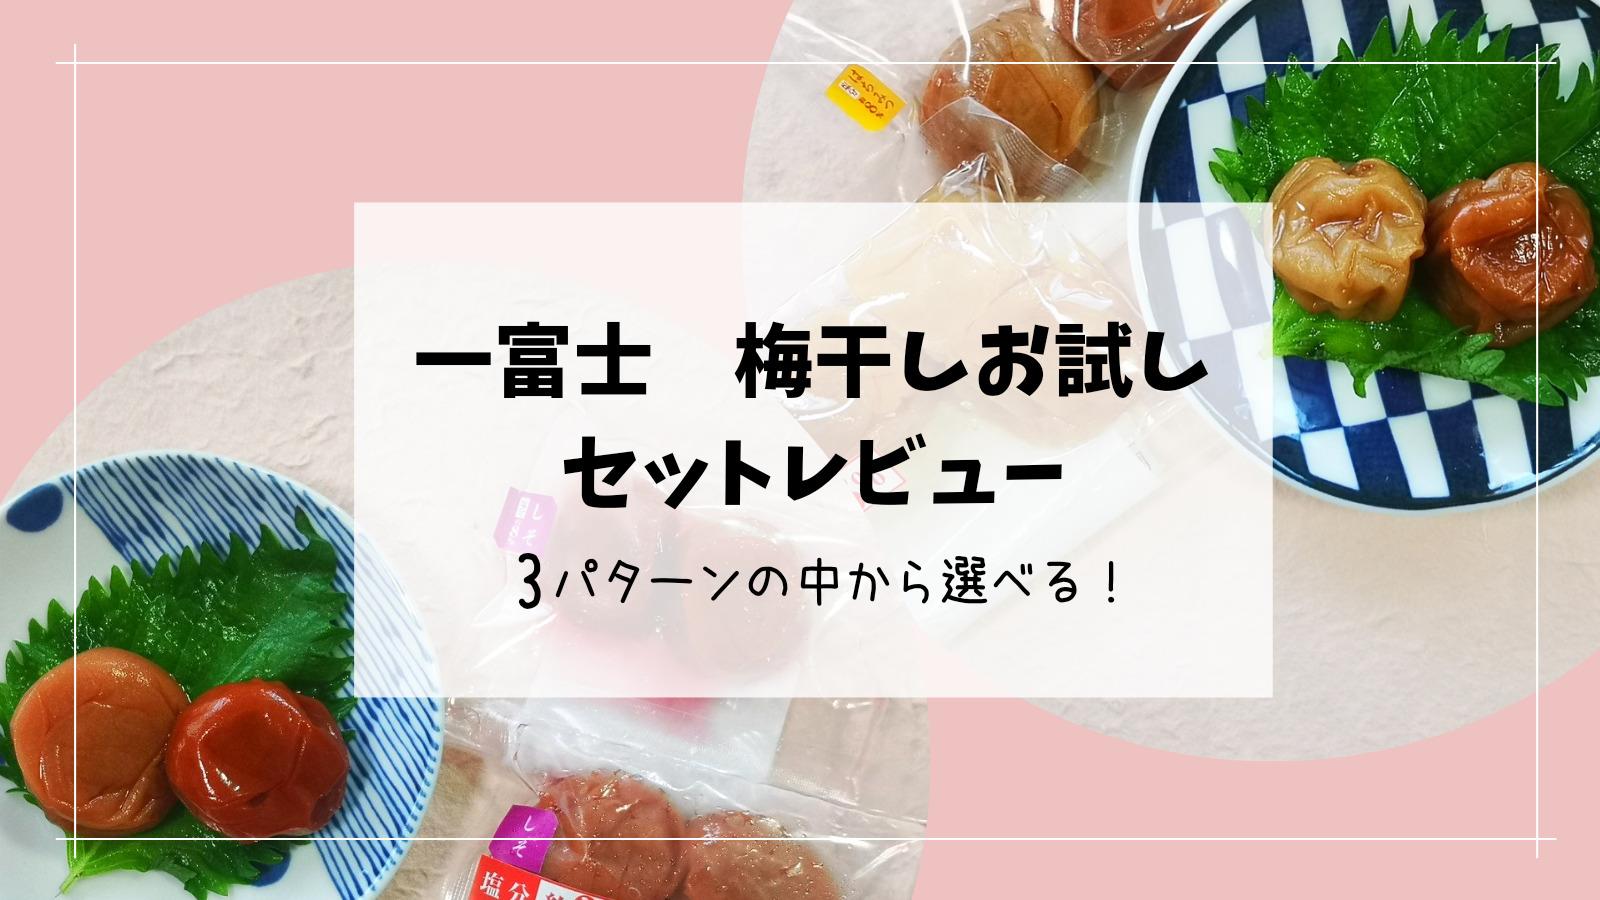 【一富士】3種類の中から好みのセットを選べる!梅干しお試しレポート